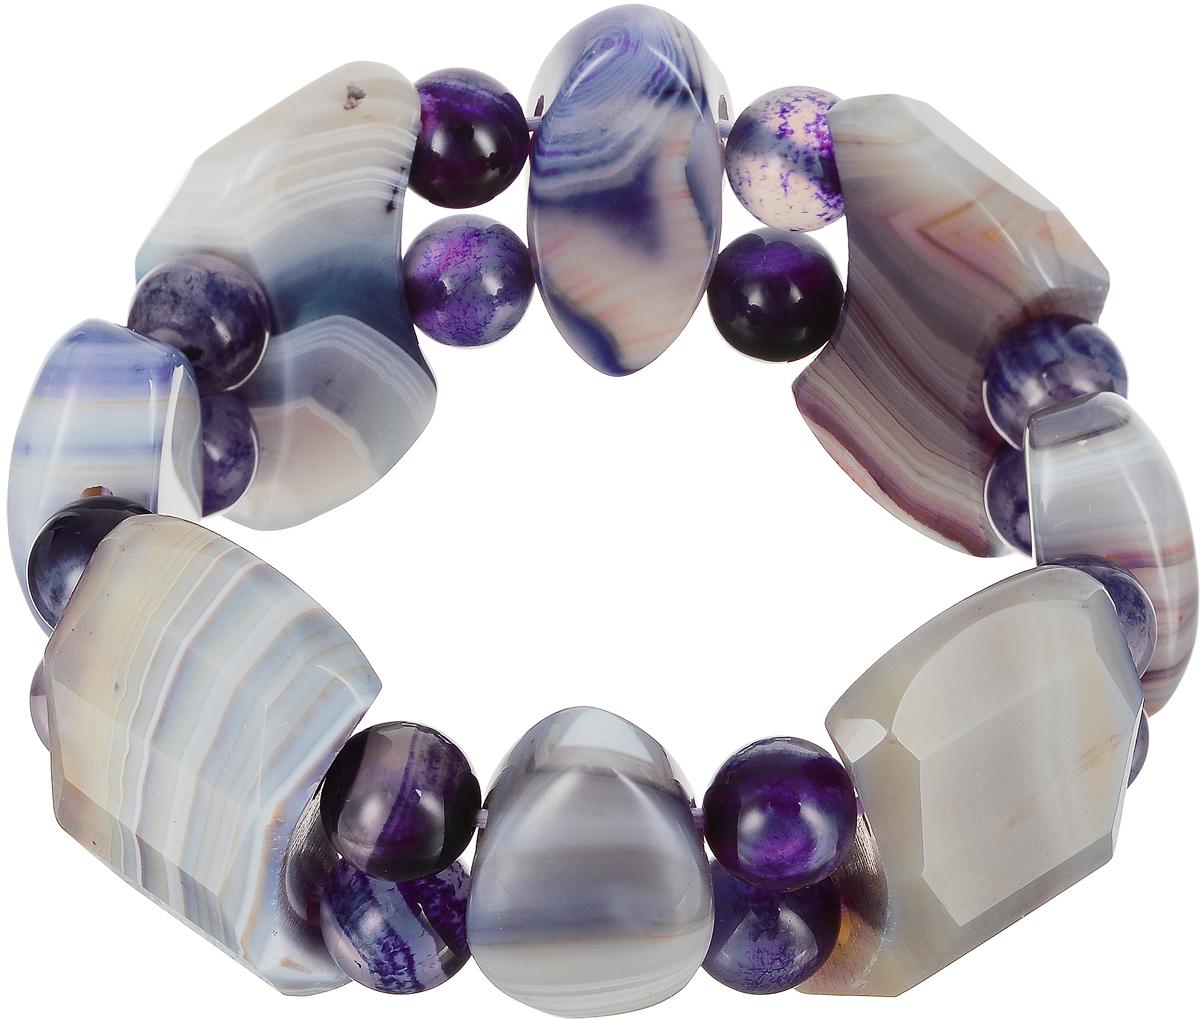 Браслет Art-Silver, цвет: фиолетовый. KW61-2-701Браслет с подвескамиИзящный женский браслет Art-Silver выполнен из камня чароита. Эластичная прочная резинка позволит идеально зафиксировать модель на руке.Это стильное украшение элегантно завершит модный образ и подчеркнет ваш изысканный вкус.